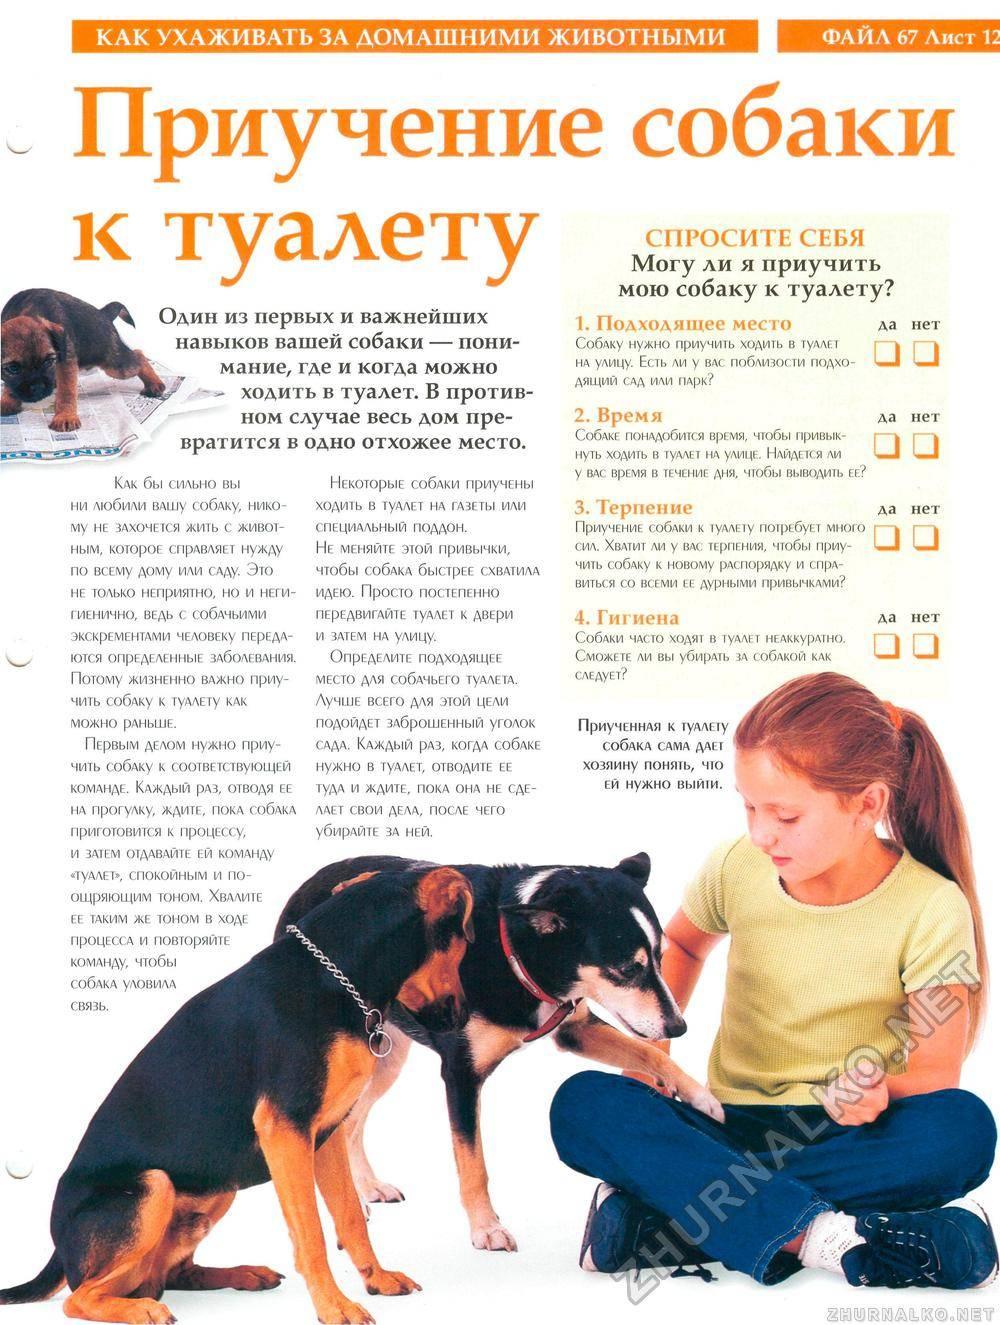 Как приучить щенка оставаться одному в квартире. как приучить щенка оставаться в квартире одному как приучить собаку быть одной дома - новая медицина